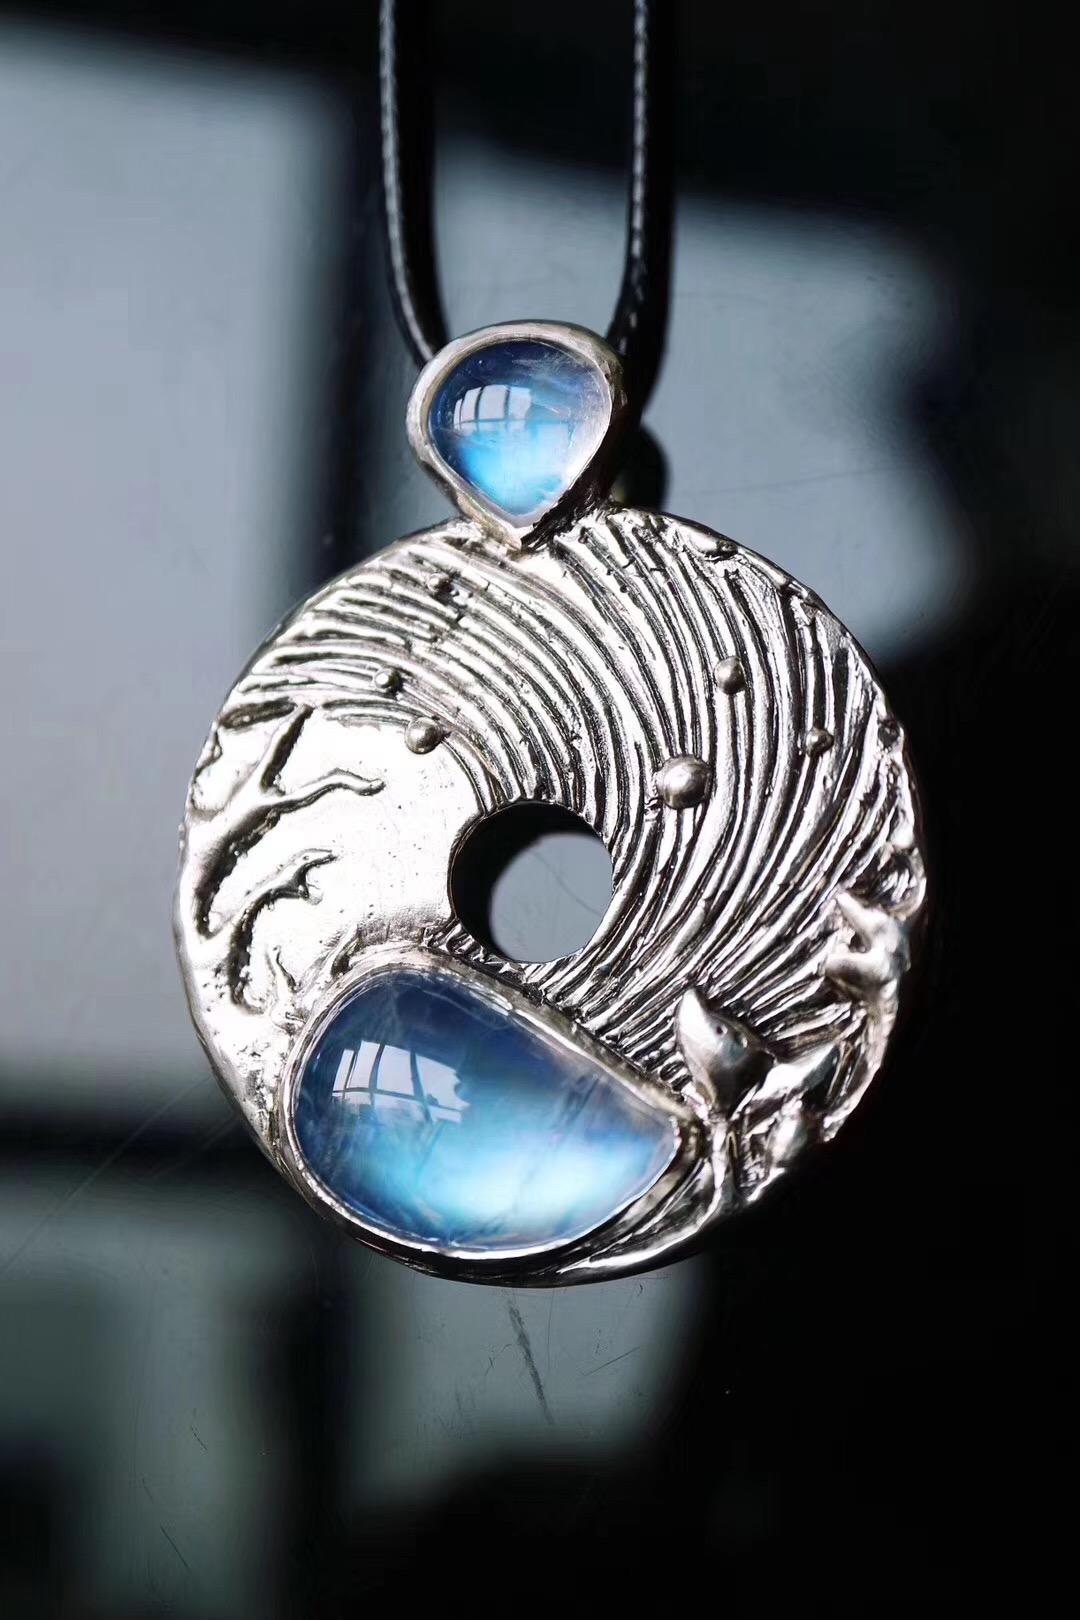 【菩心-月光石】妈咪给属马的宝宝定的一款月光石平安扣-菩心晶舍